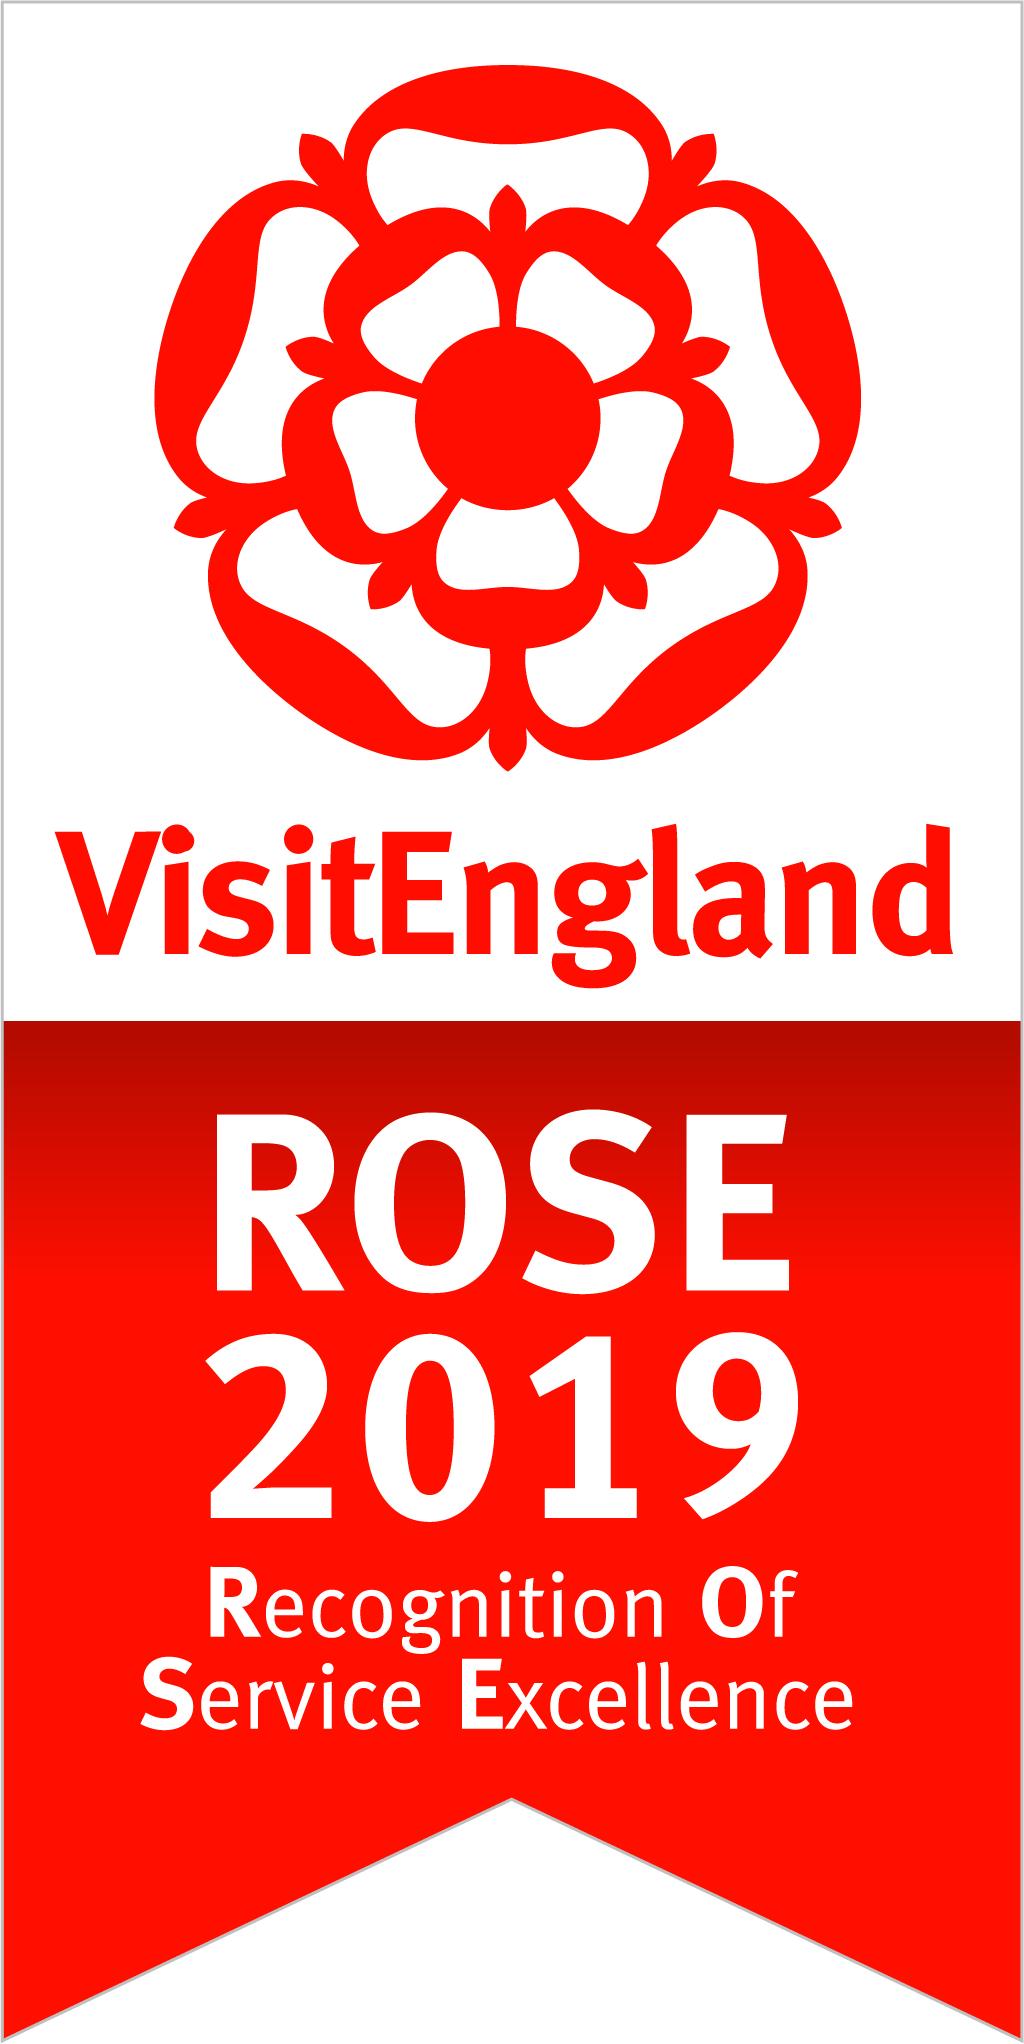 2019 VisitEngland ROSE Award